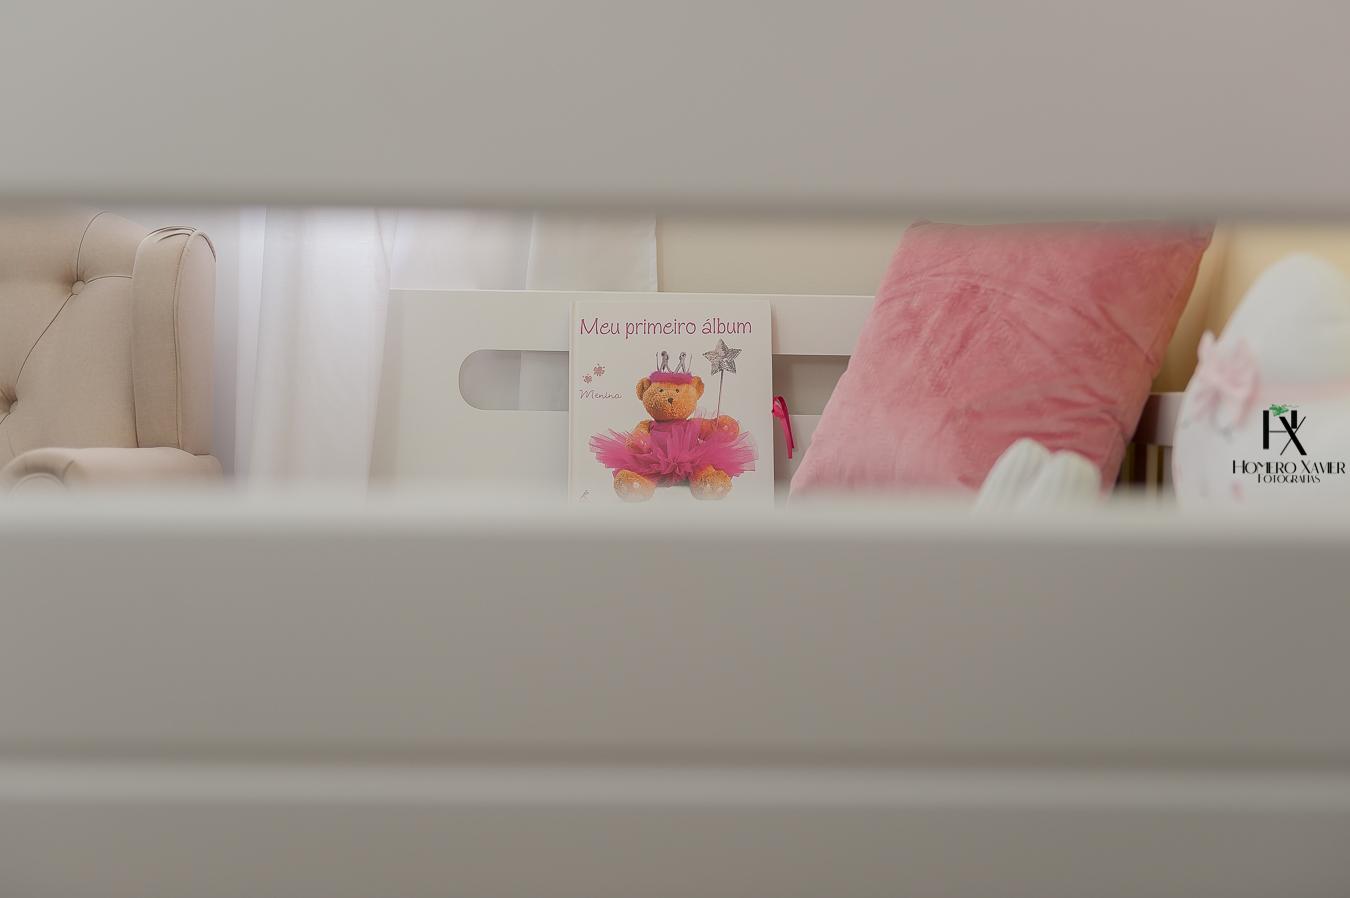 ensaio de newborn em casa